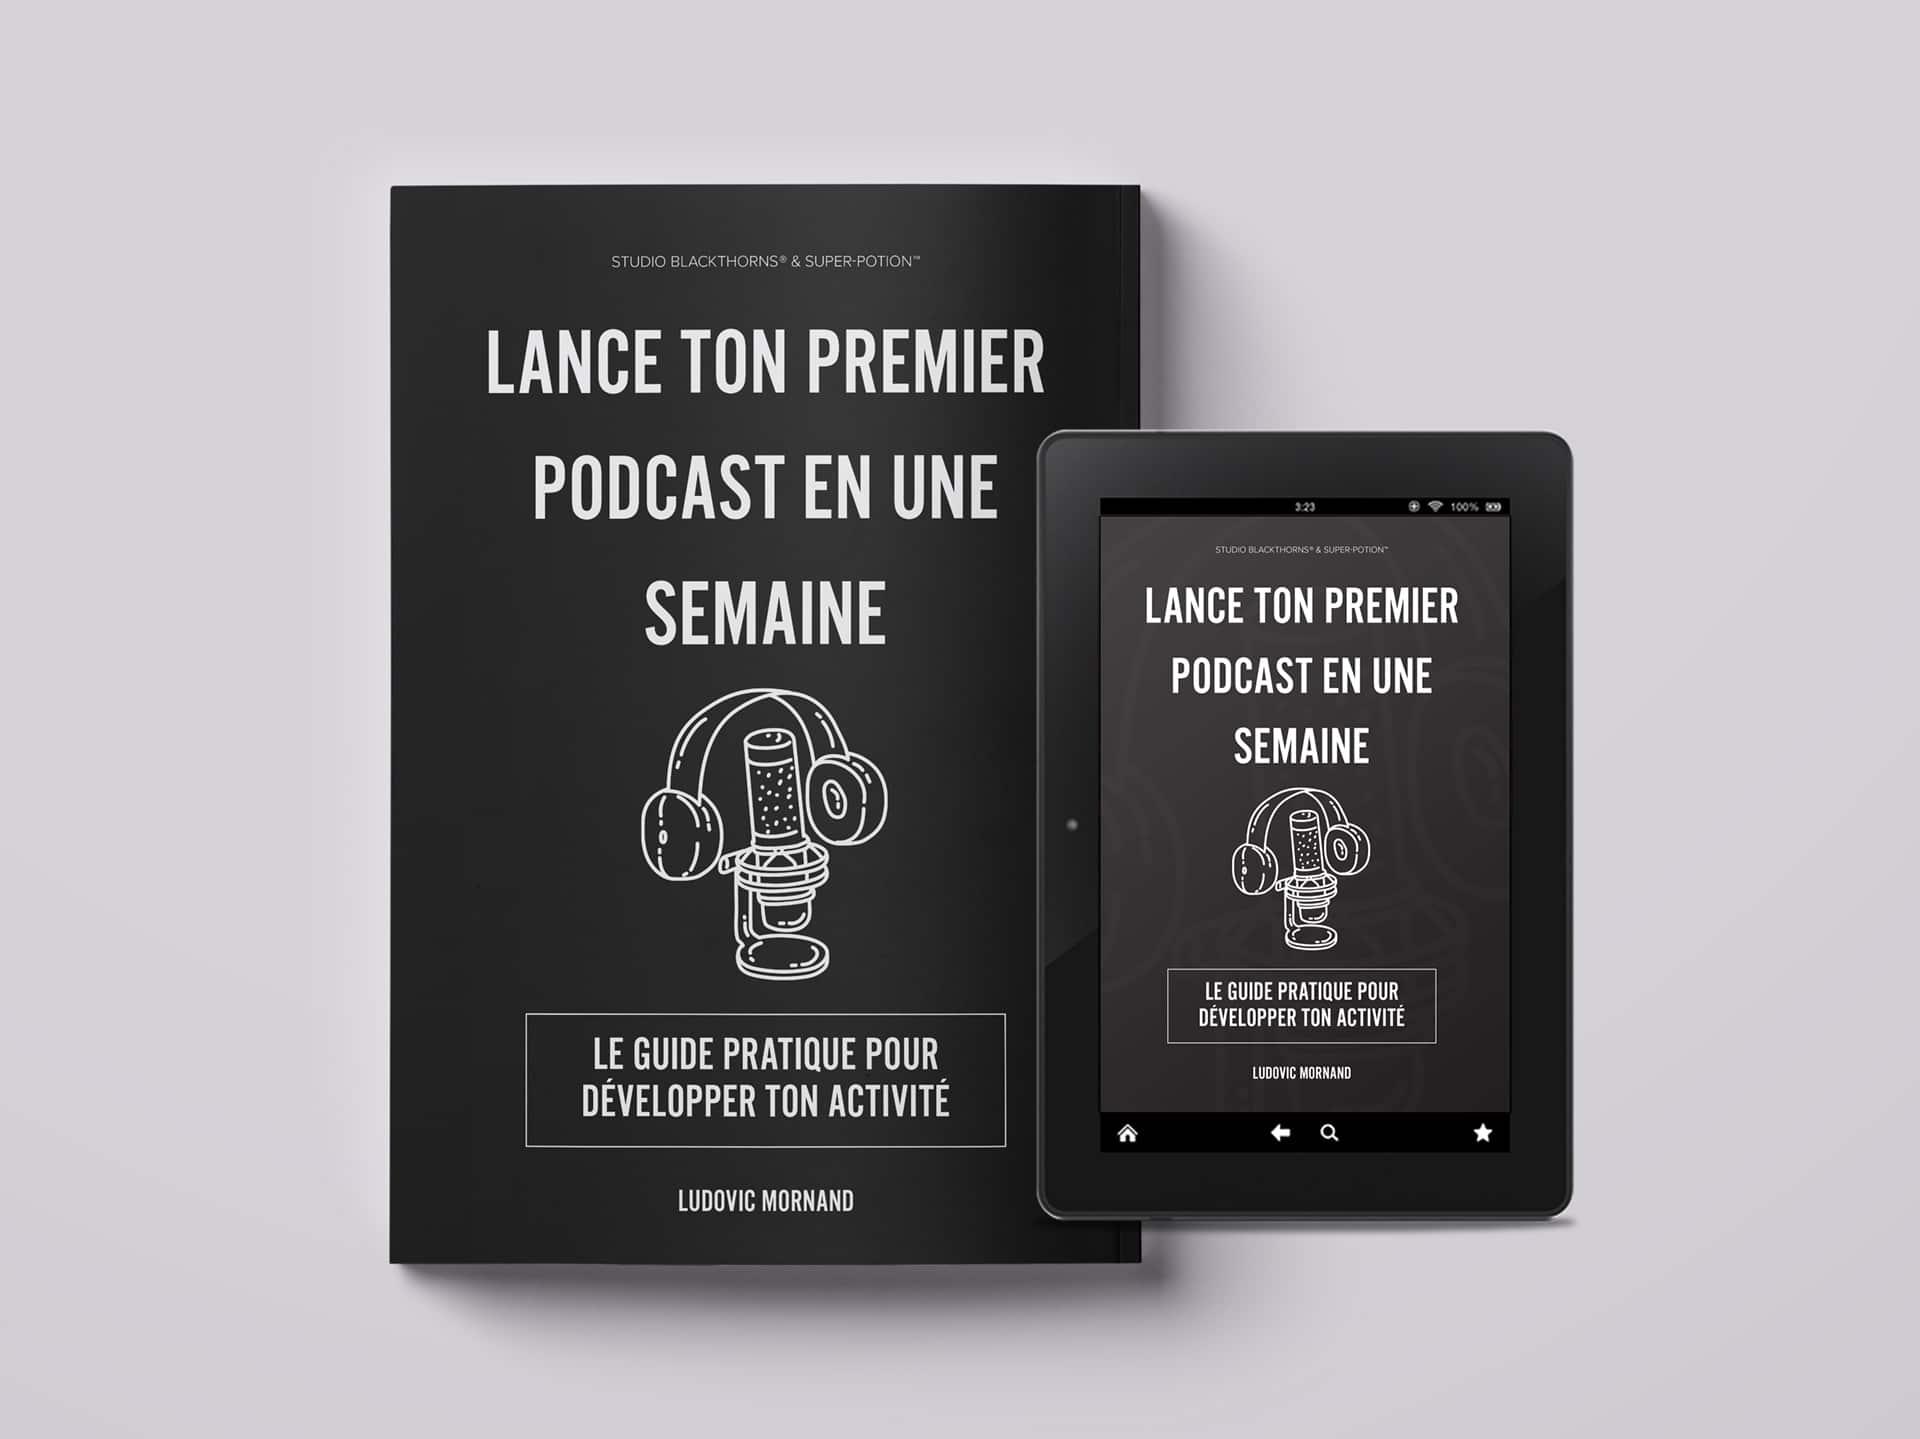 Lance ton premier podcast en une semaine Ebook